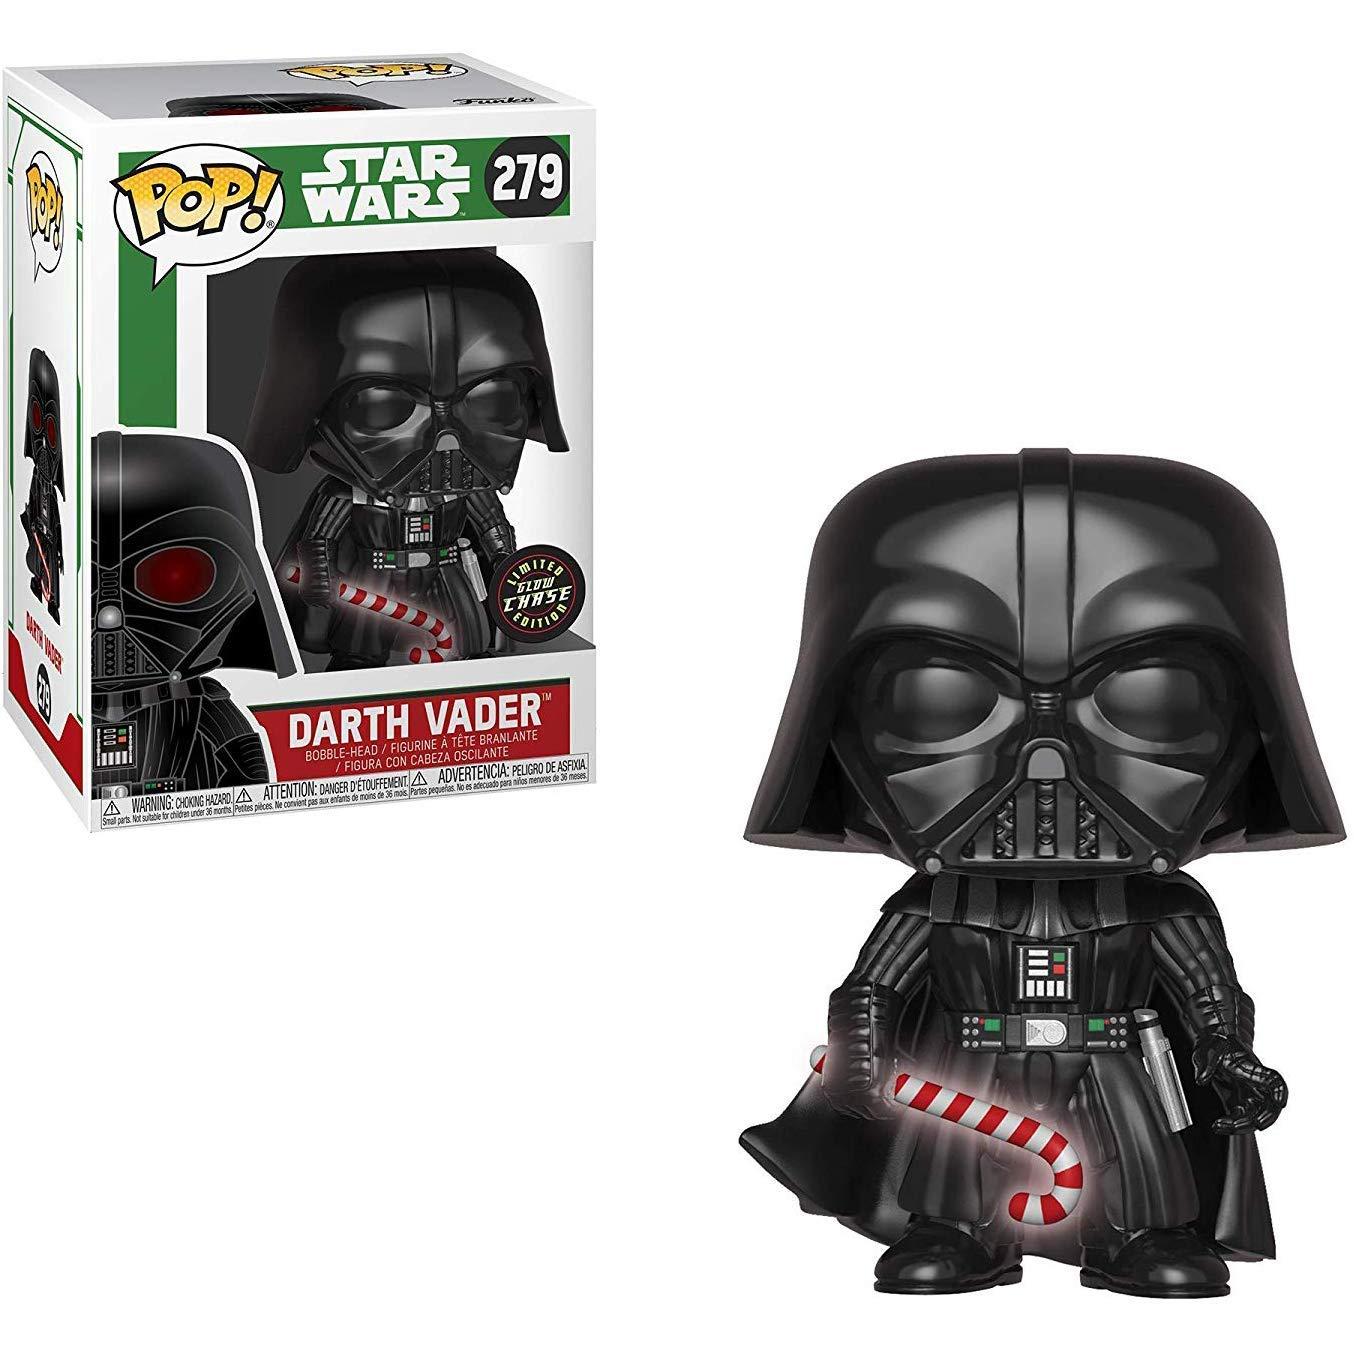 Chase Édition Funko pop Officielles Star Wars: vacances-Darth Vader Vinyle Action Figure Collection Modèle Jouet avec la Boîte Originale